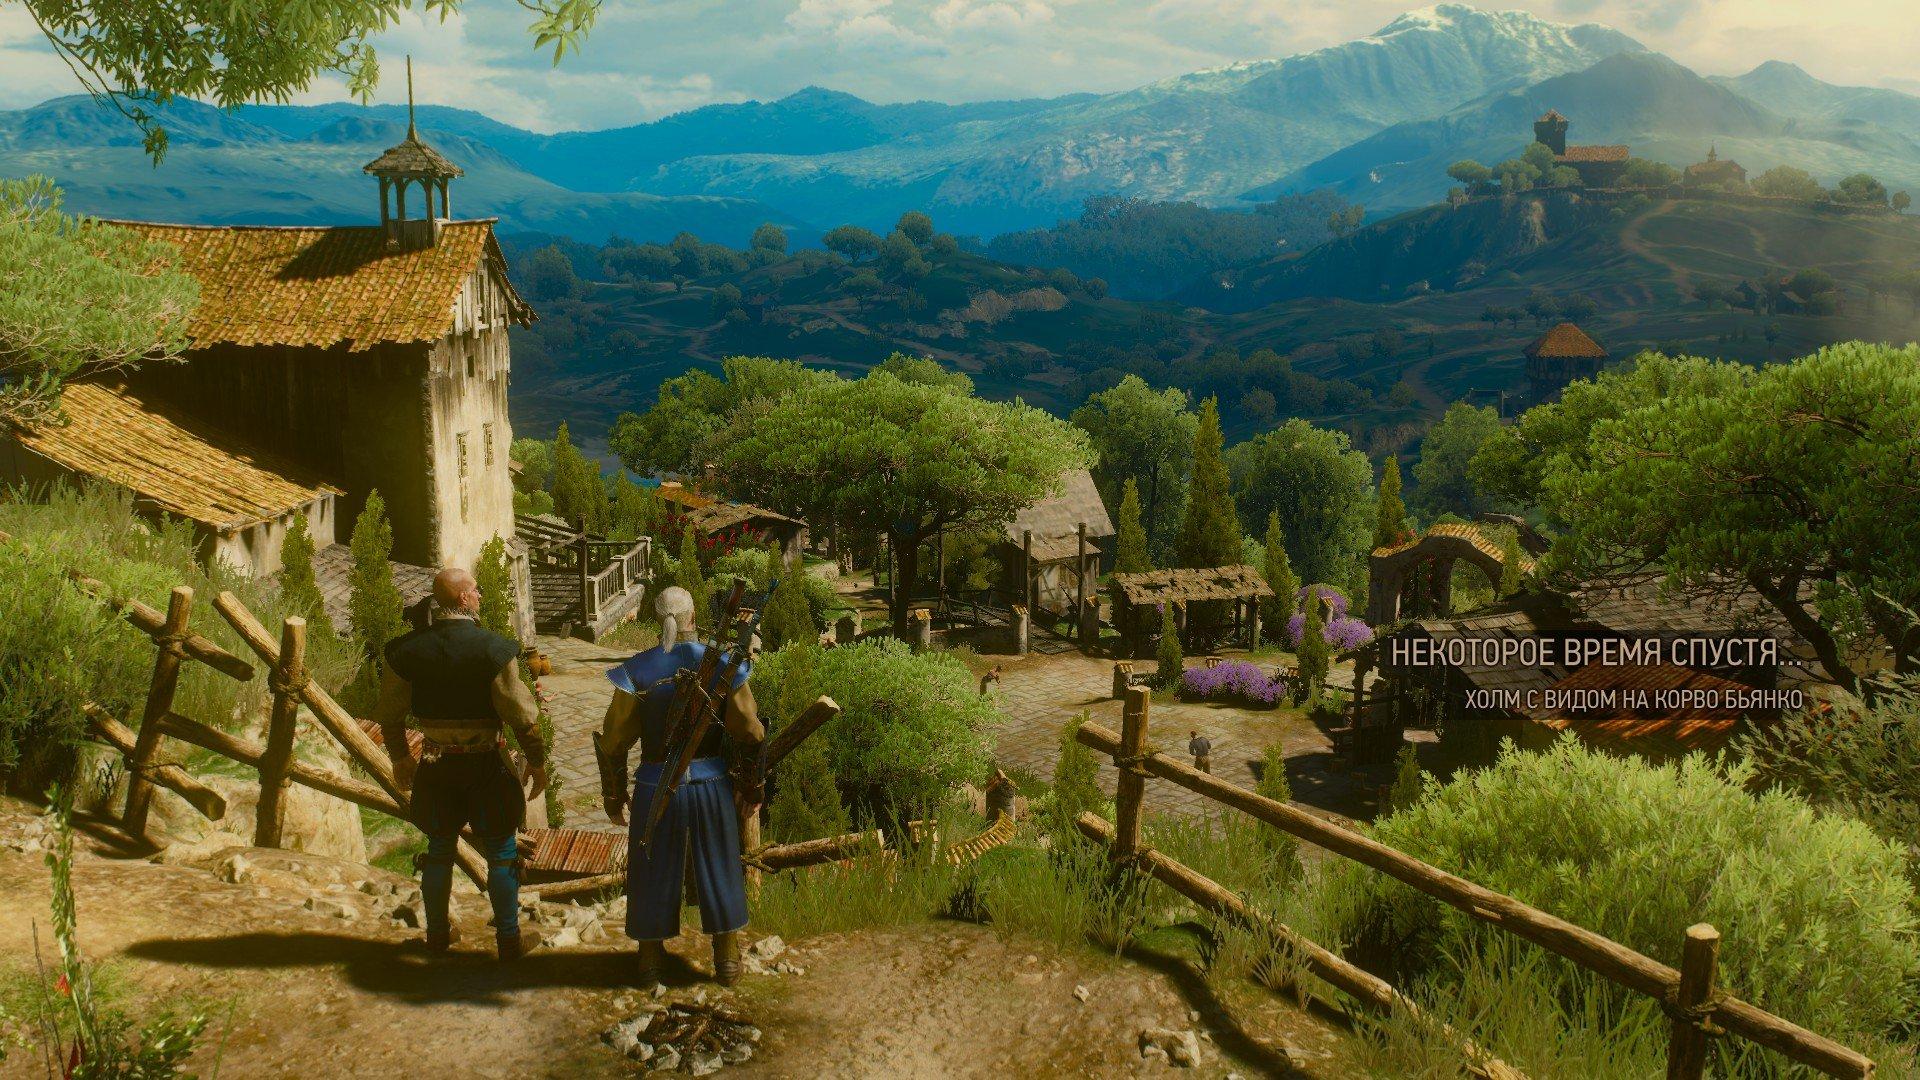 Вопль-прохождение Witcher 3: Кровь и Вино ... НАЧАЛО [ВНИМАНИЕ, ВОЗМОЖНЫ СПОЙЛЕРЫ] - Изображение 24